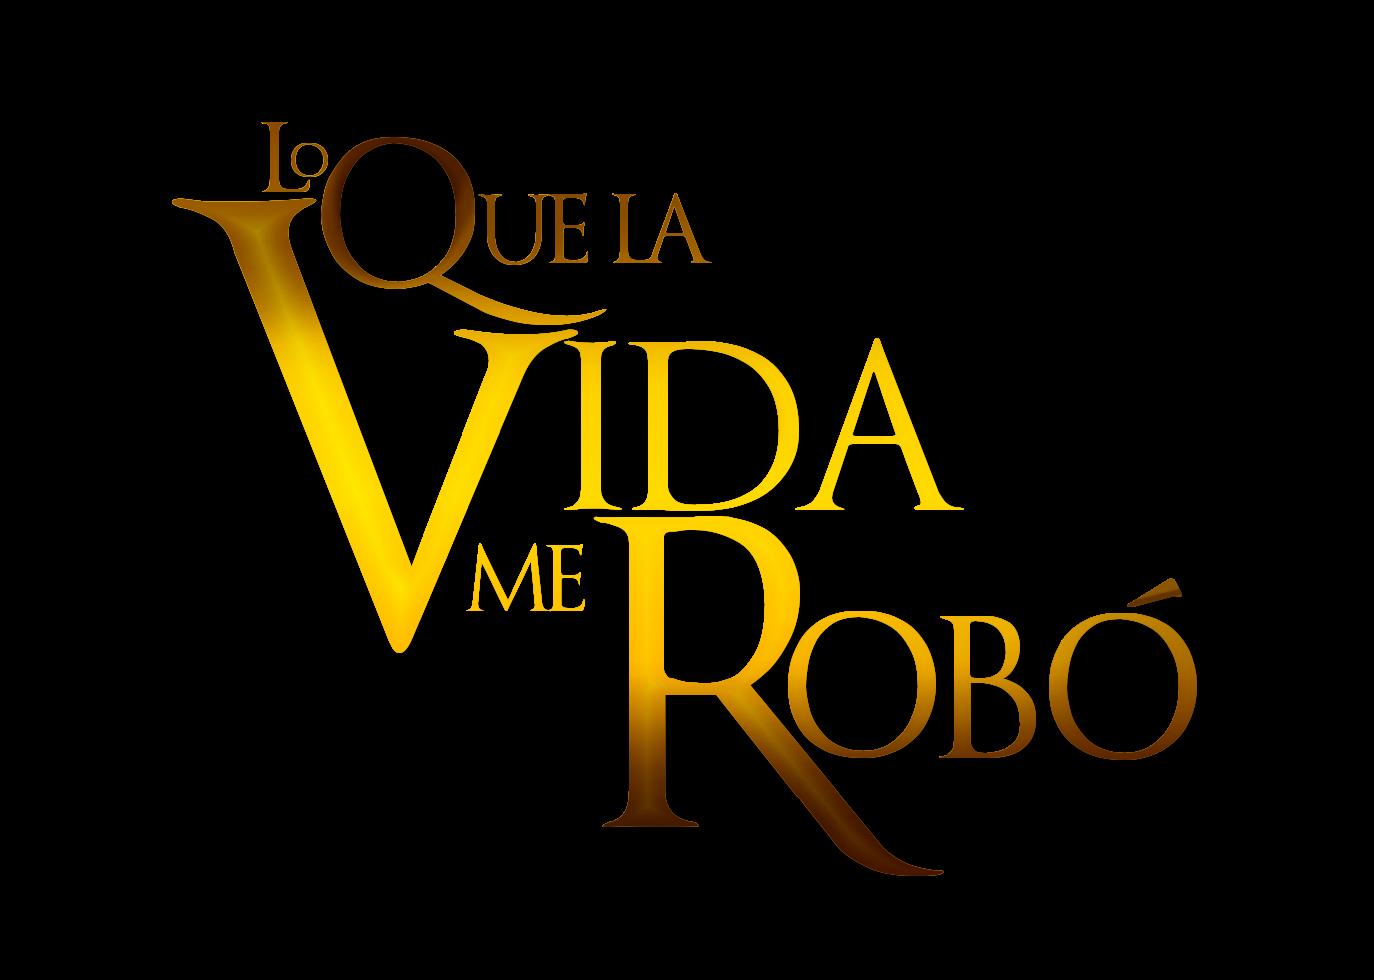 Lo Que La Vida Me Robo by LaCandida